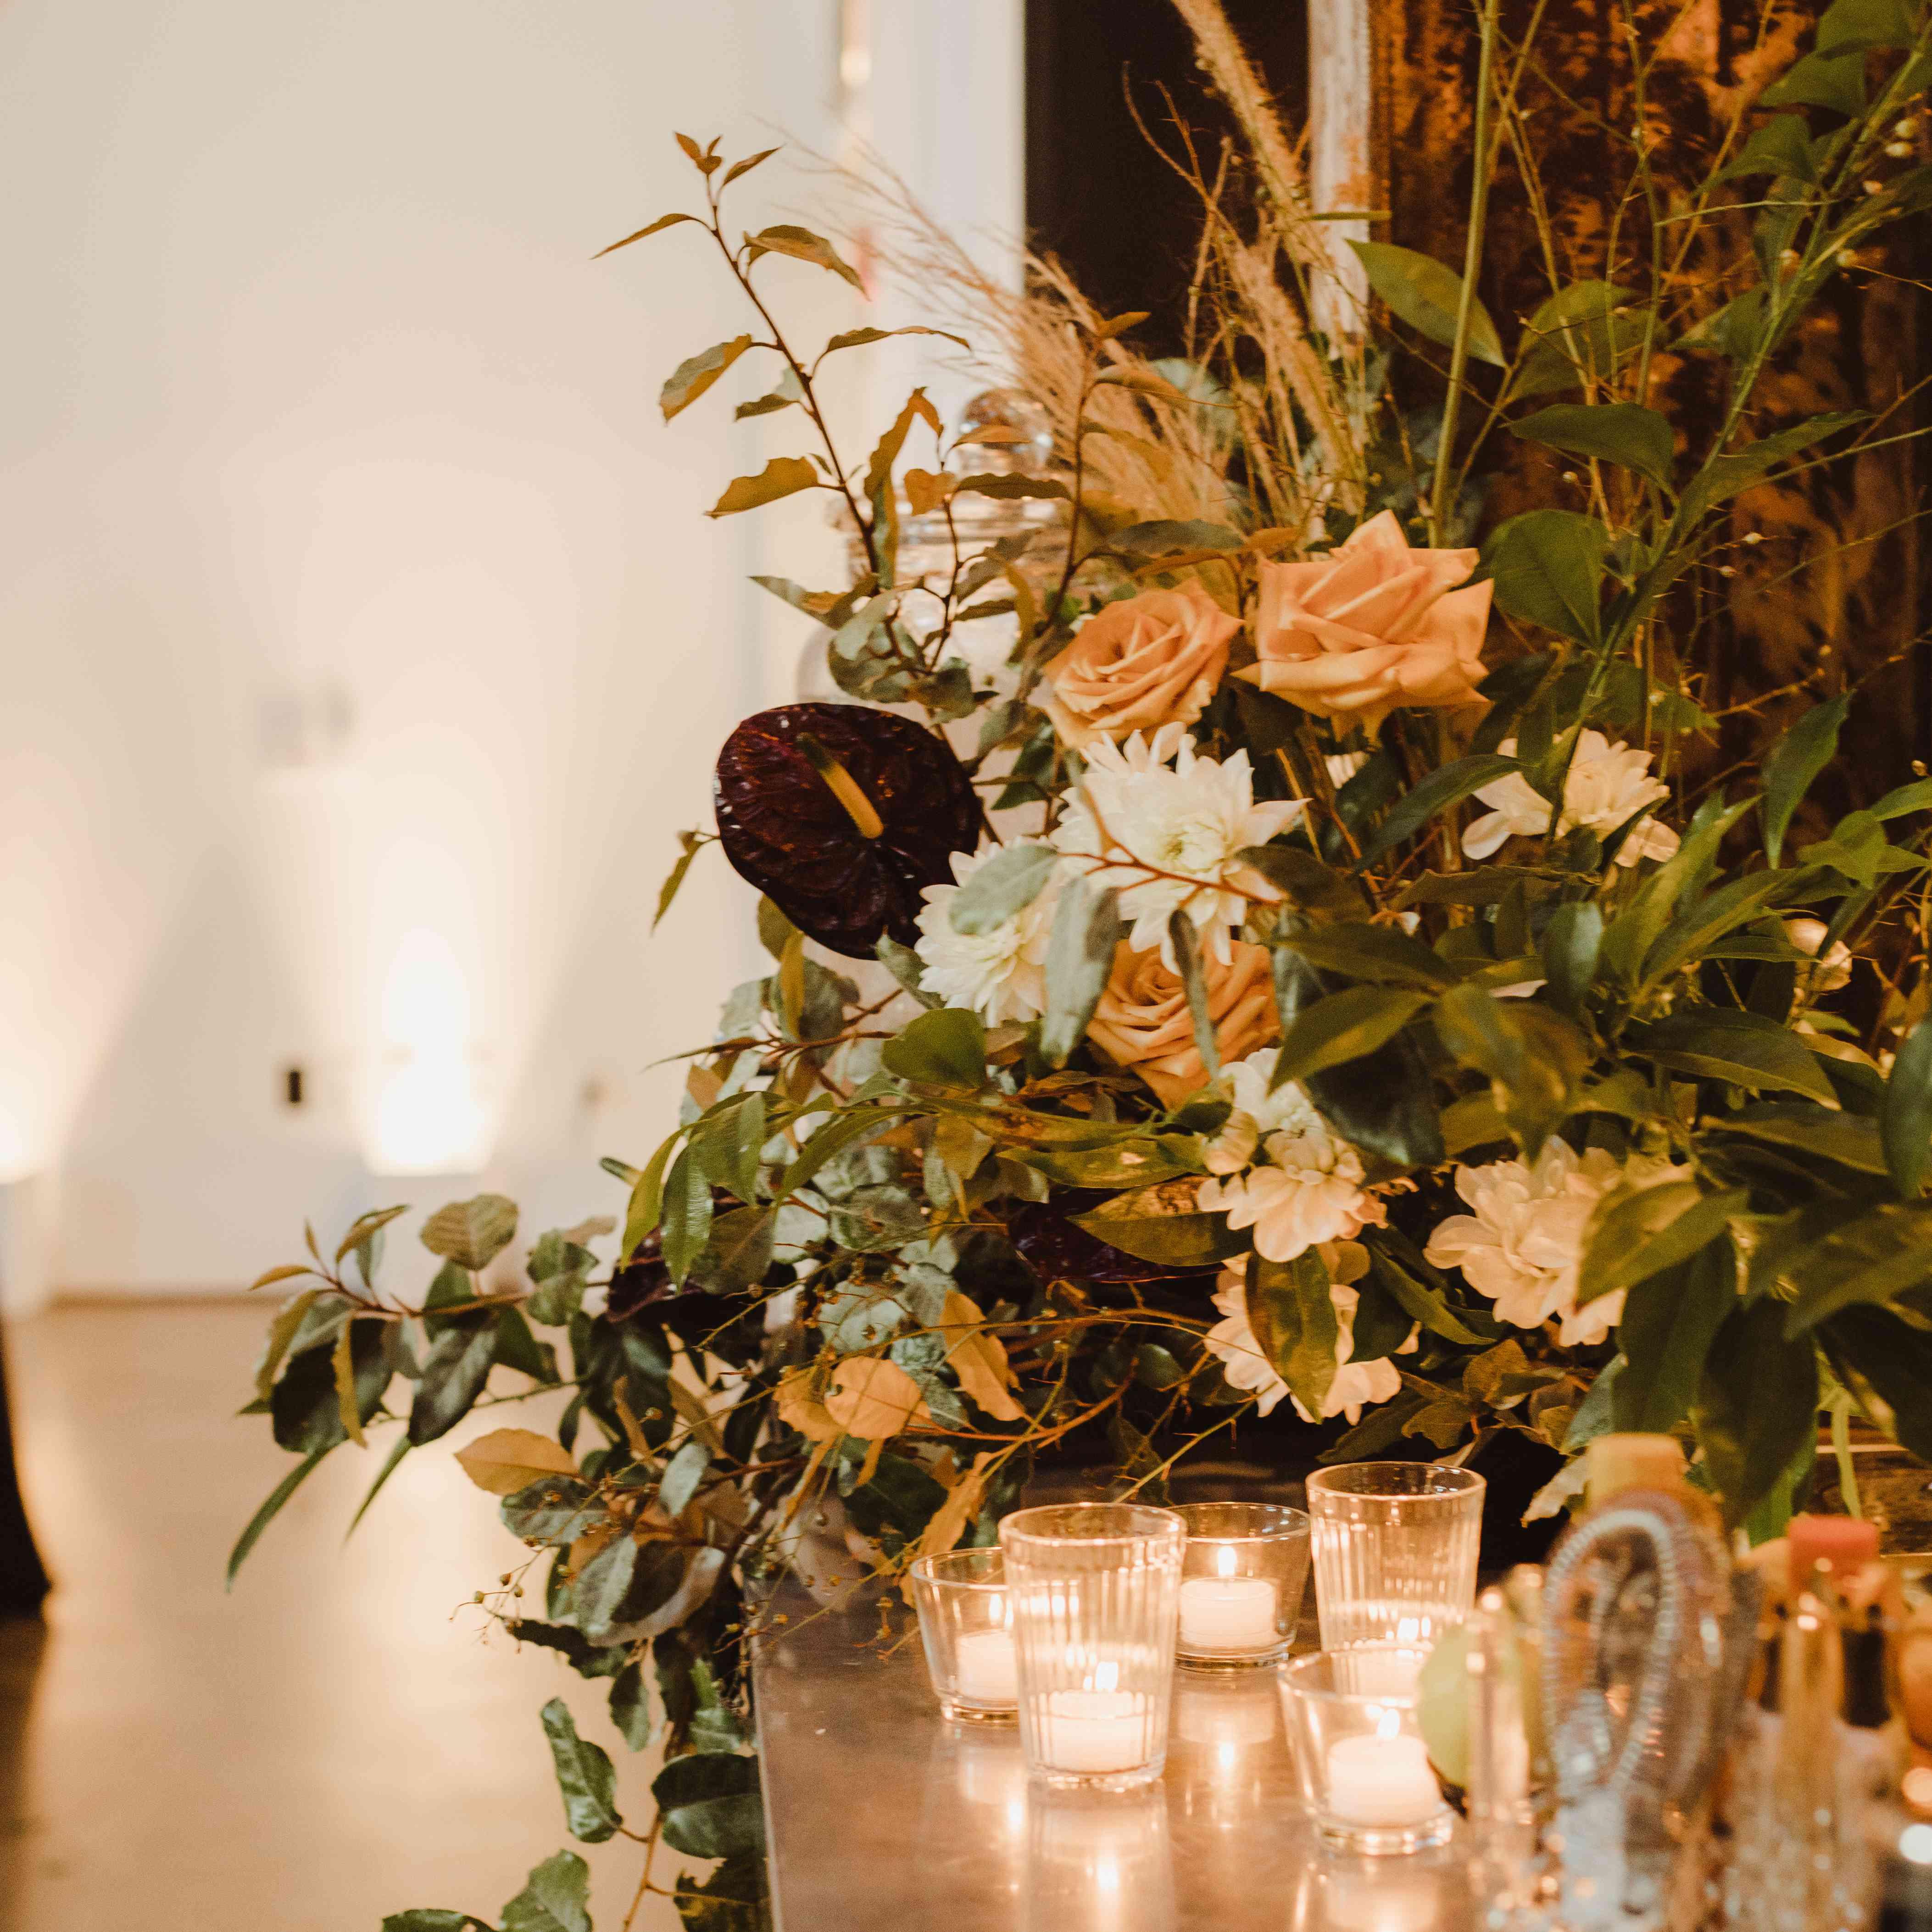 candles and floral arrangement decor